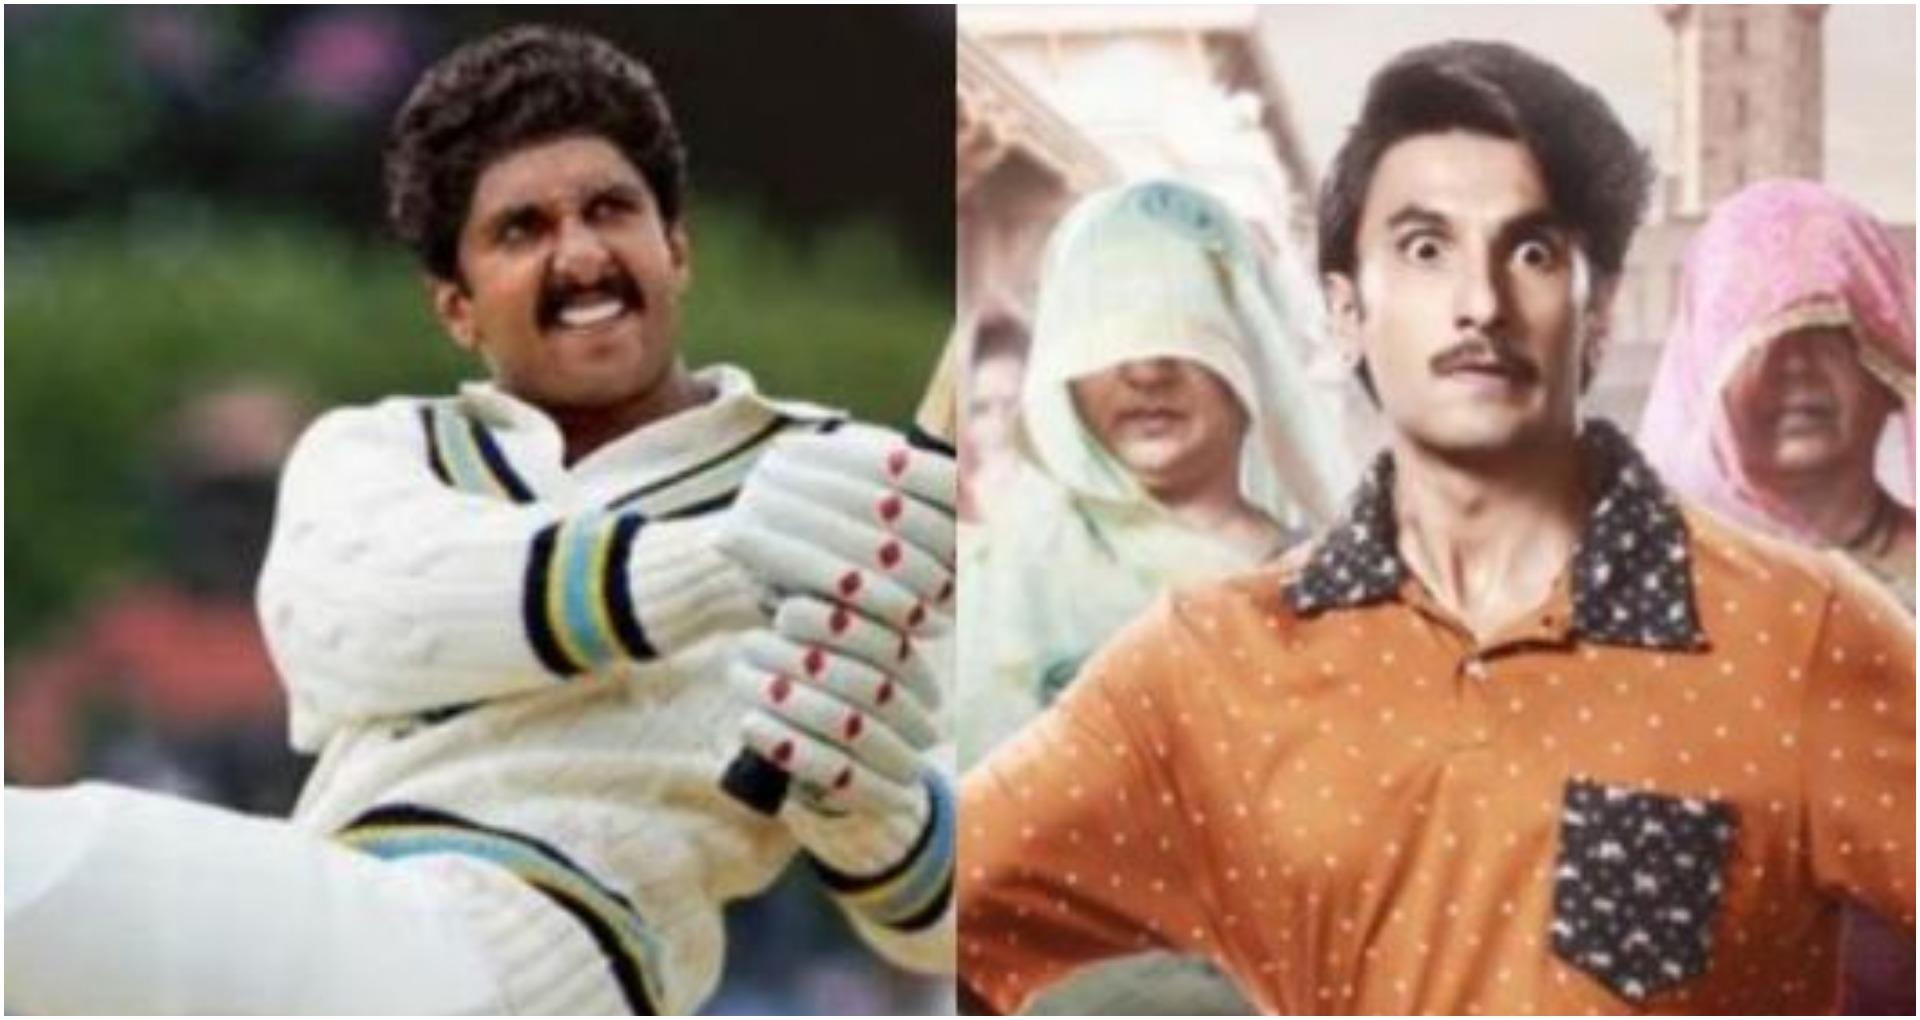 रणवीर सिंह साल 2020 में मचाने वाले हैं धमाल, '83' से लेकर 'जयेशभाई जोरदार' और 'तख़्त' हैं तैयार